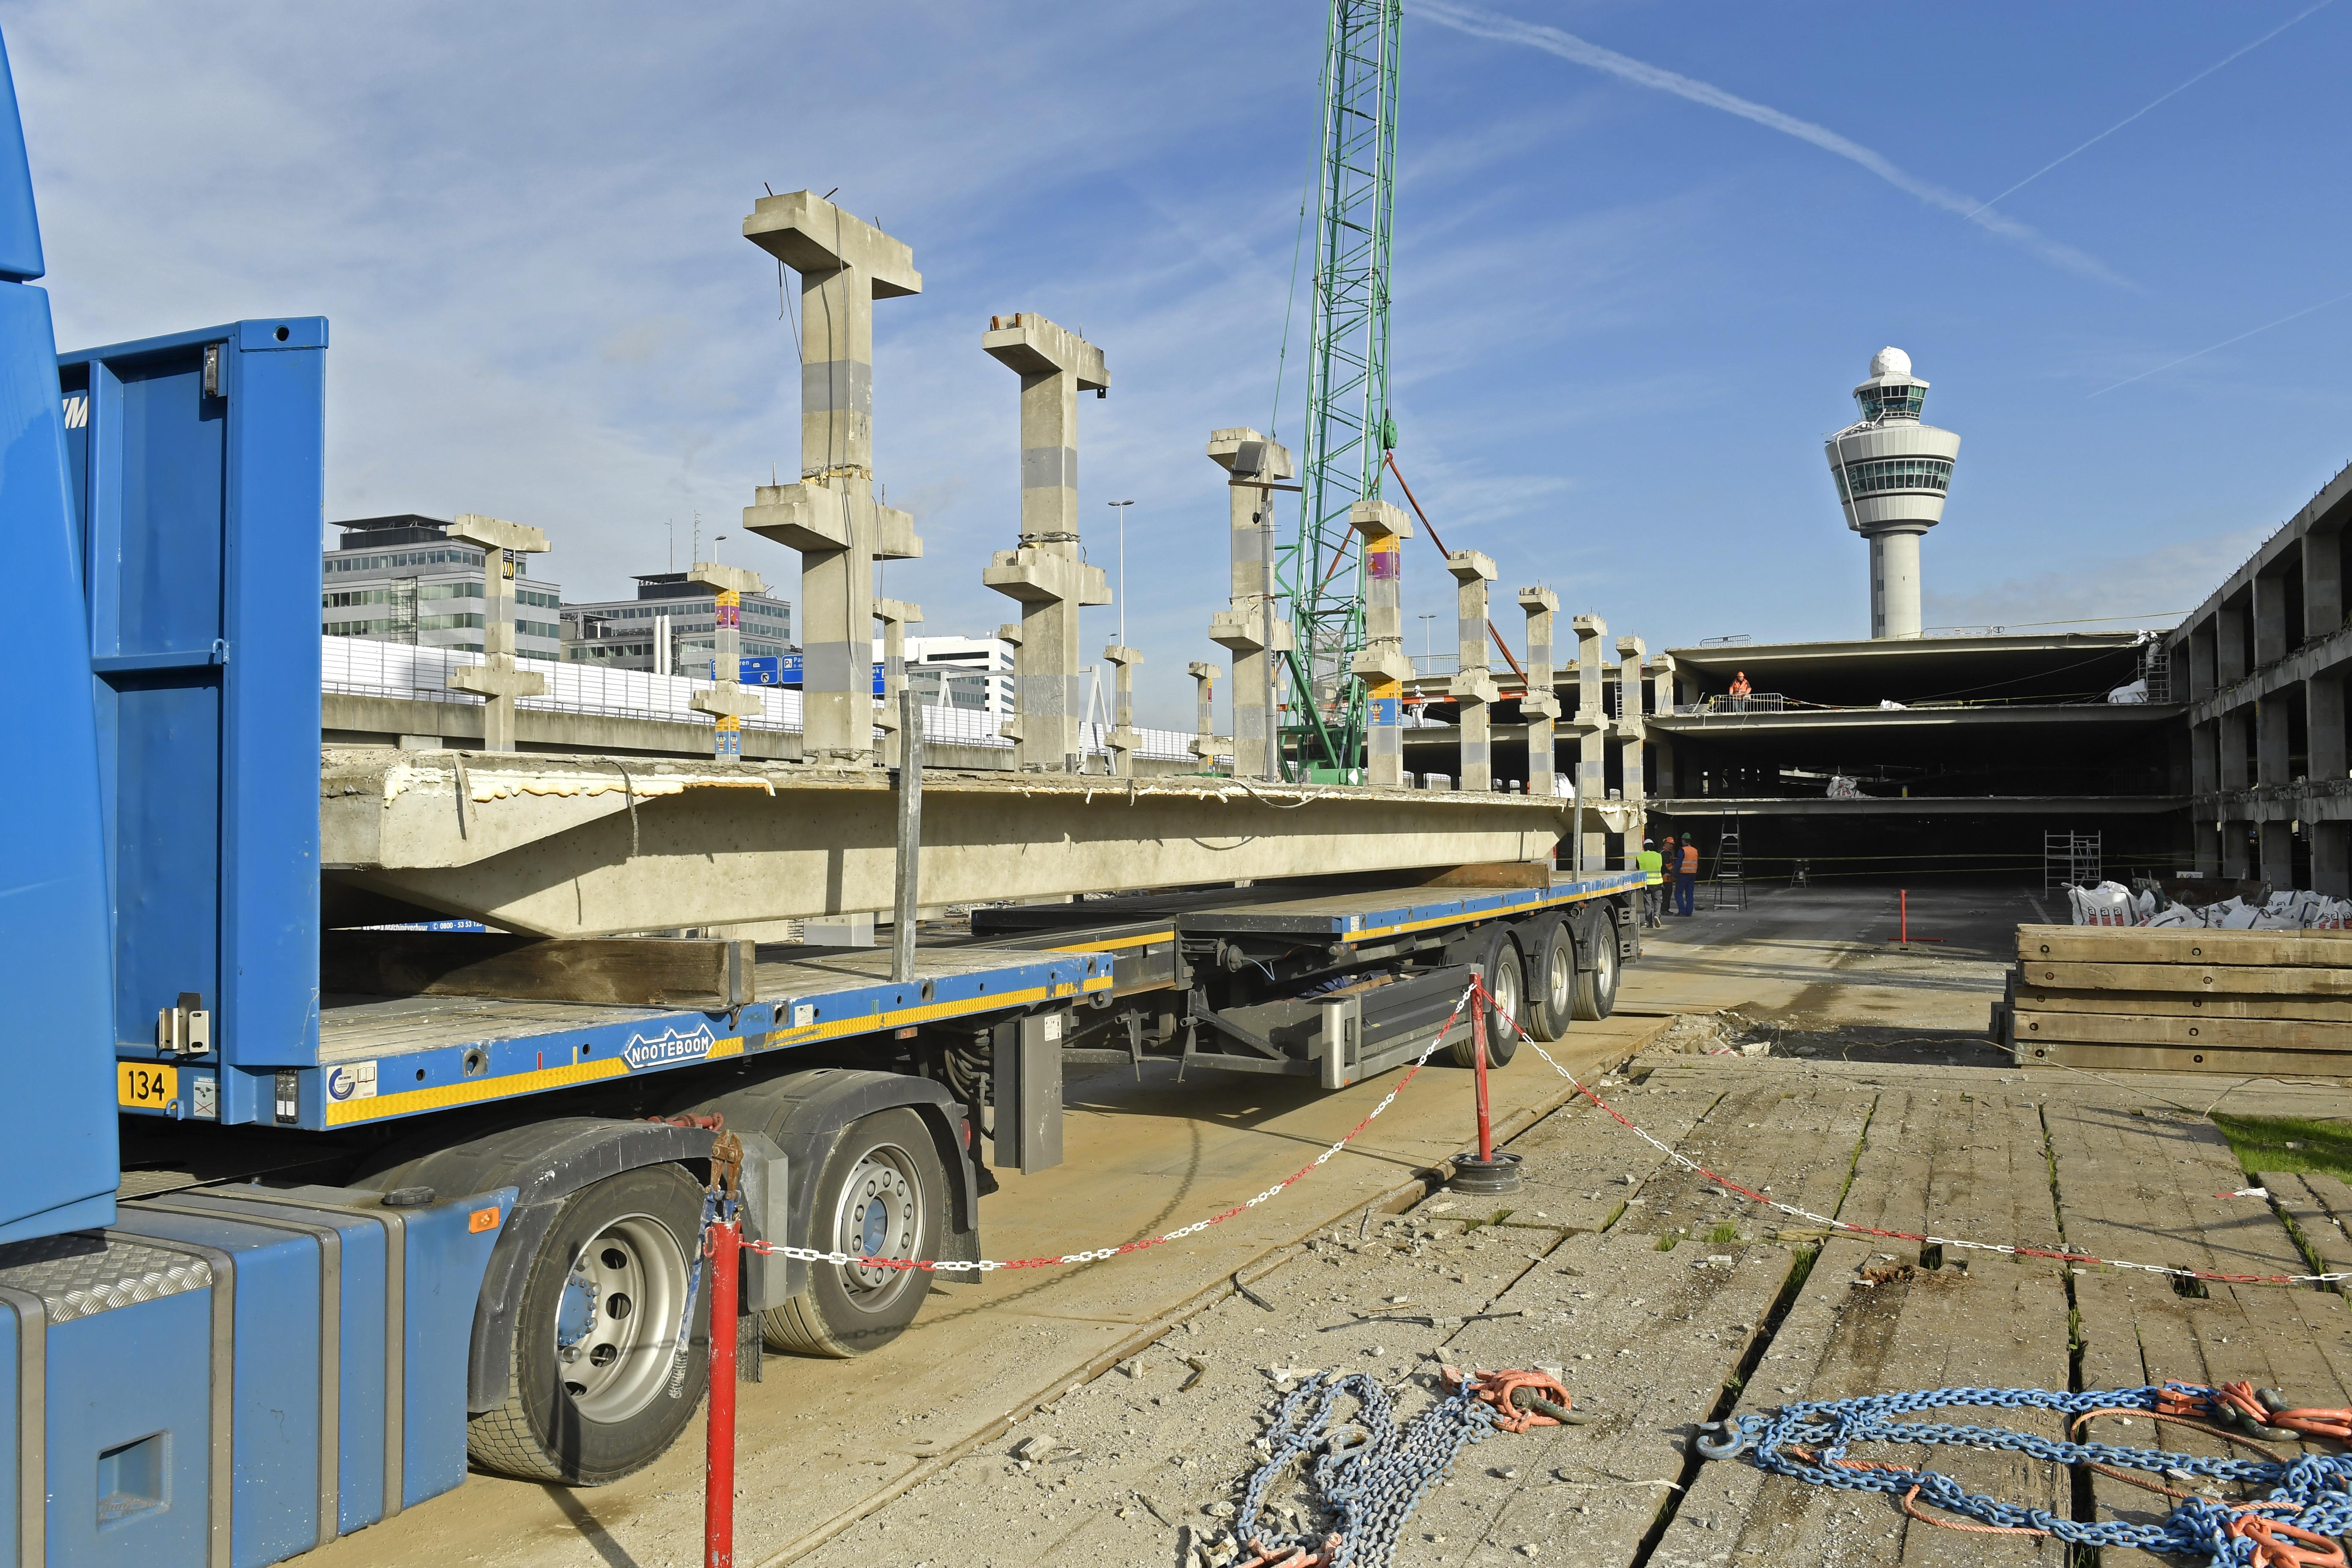 <p>Afgehesen plaatvloeren worden stuk voor stuk afgevoerd naar een andere locatie op Schiphol waar de mobiele breker staat te wachten. Zo gedoseerd heeft het verkeer op de luchthaven geen last van het transport.</p>